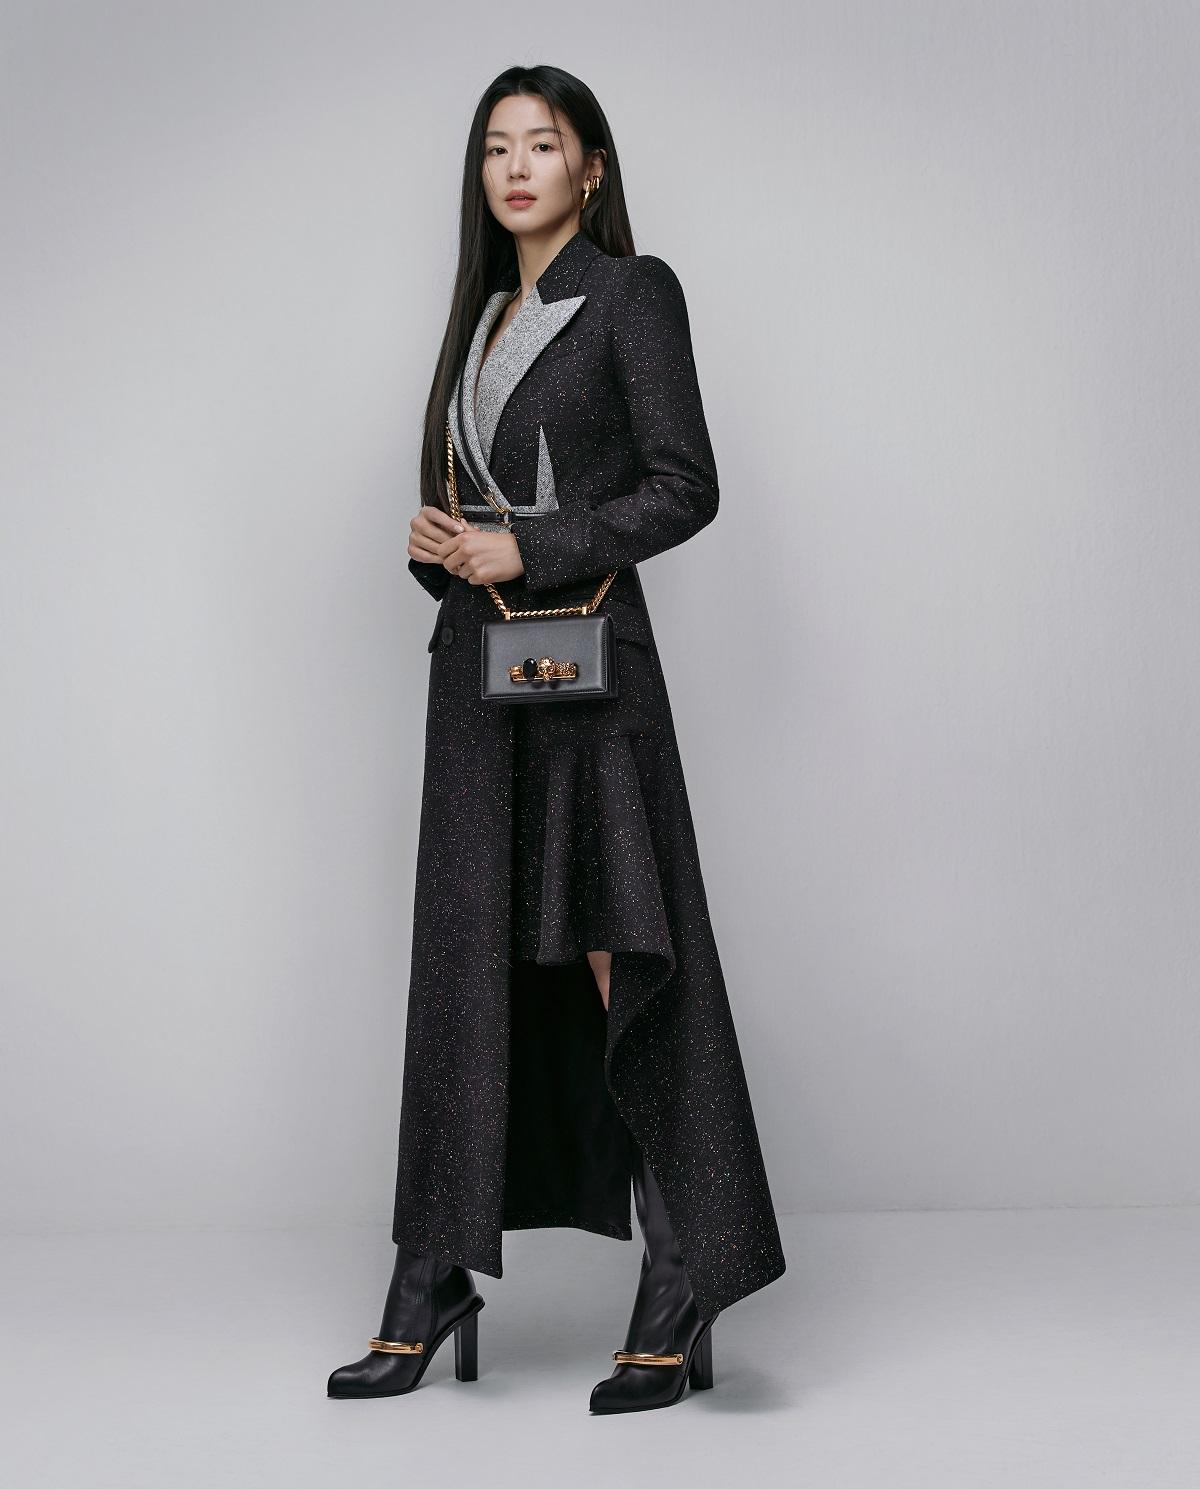 jeon ji hyun đại sứ thời trang alexander mcqueen áo đen túi xám